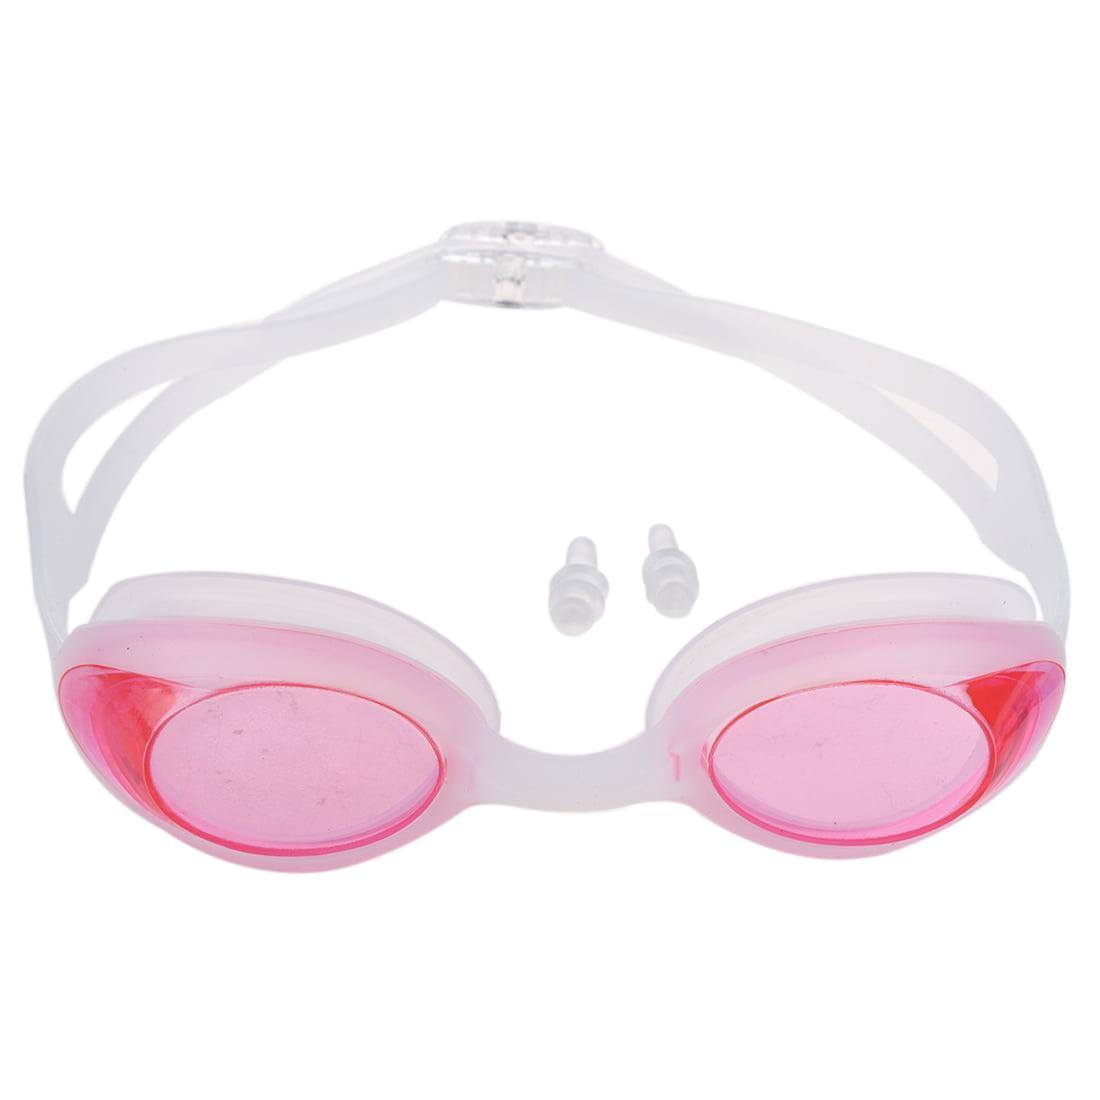 THZY Kids Adult Non Anti-Fog Swim Swimming Pool Goggles Eye Silicone Glasses Ear plug by THZY